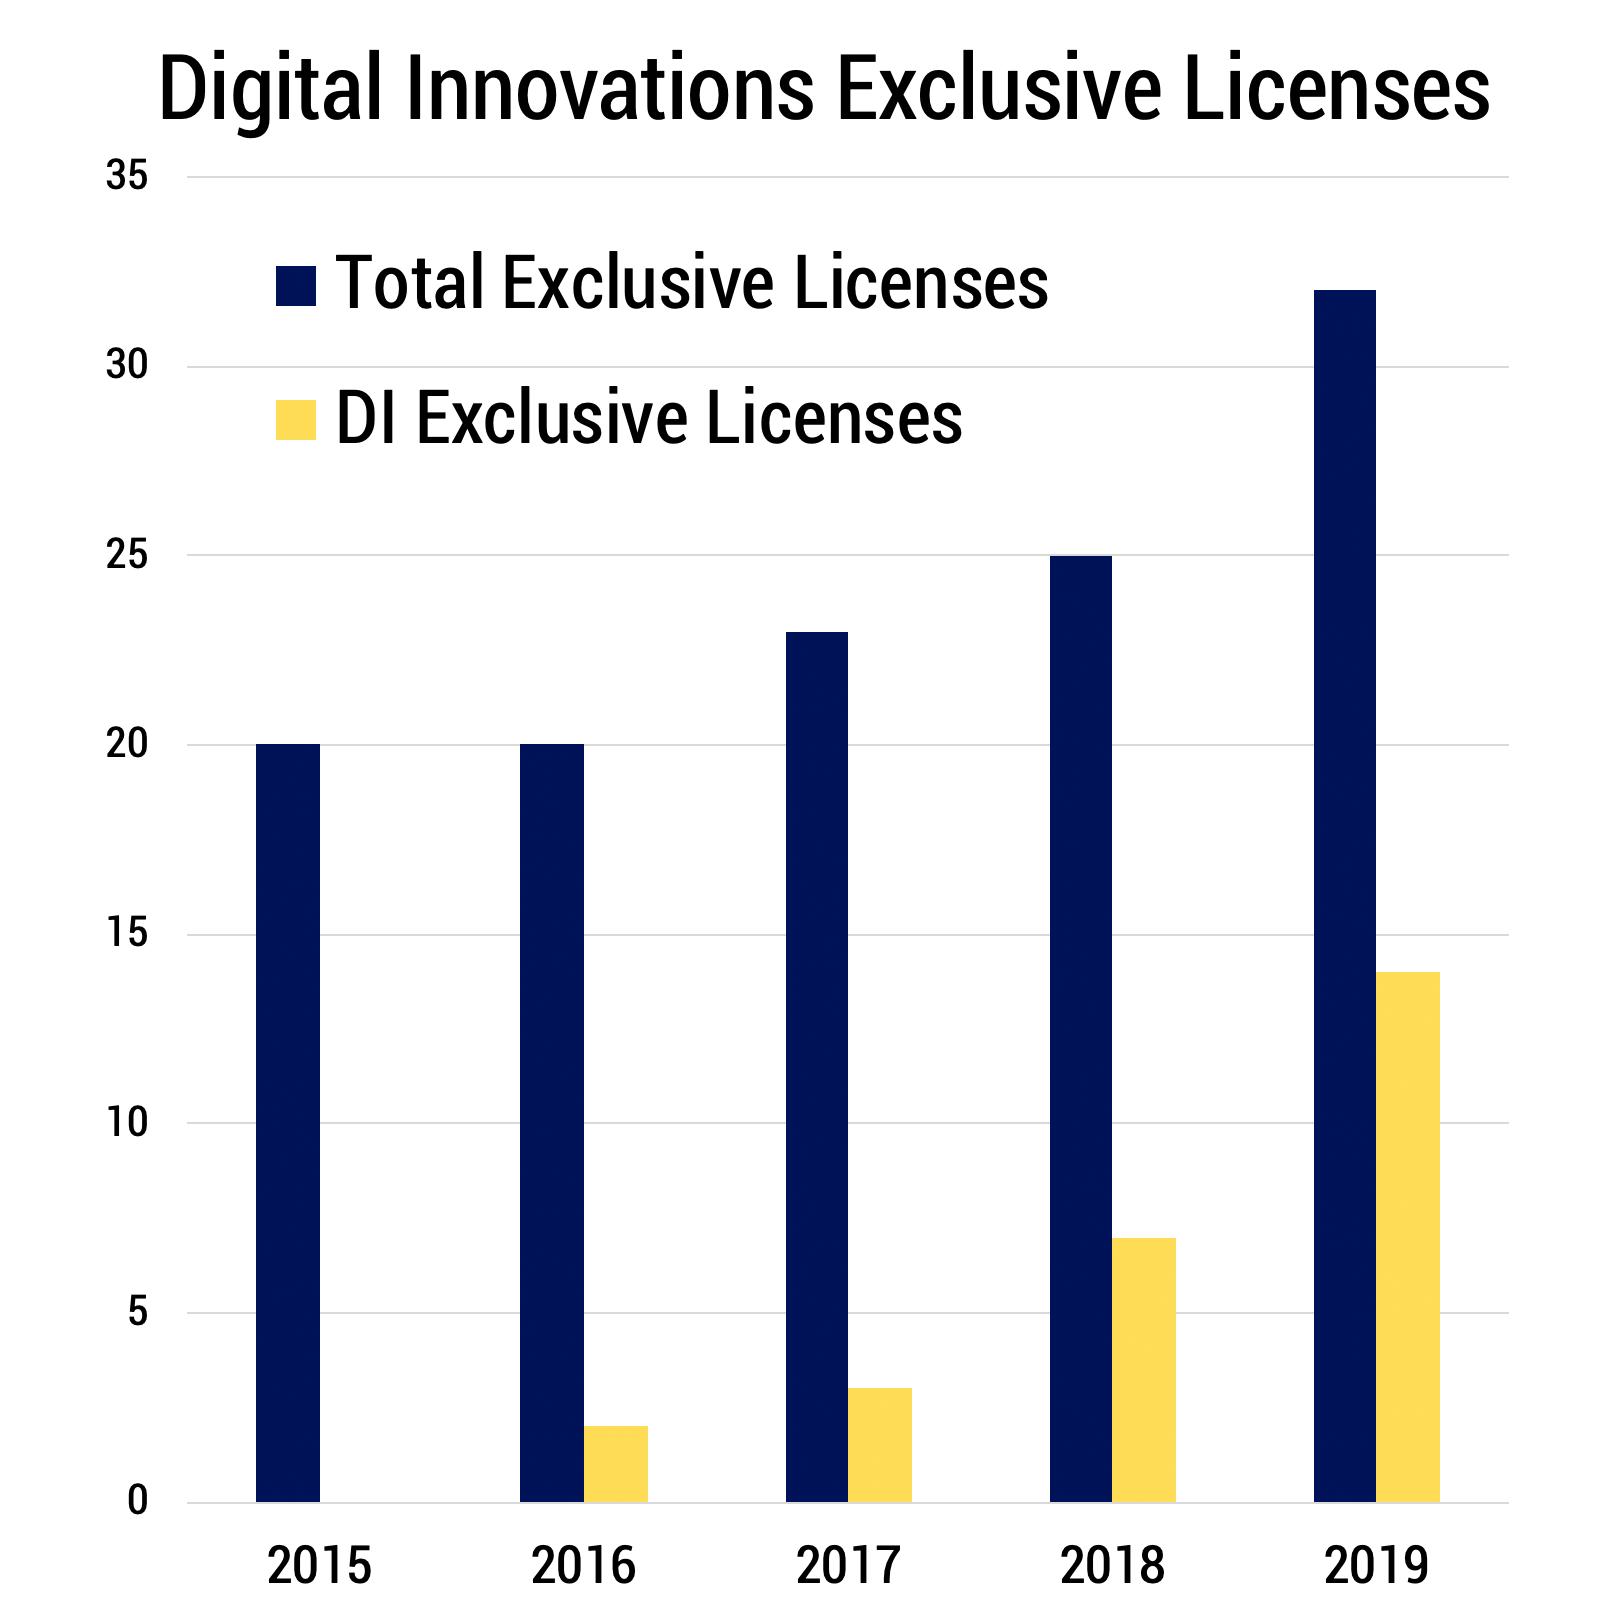 DI Exclusive License